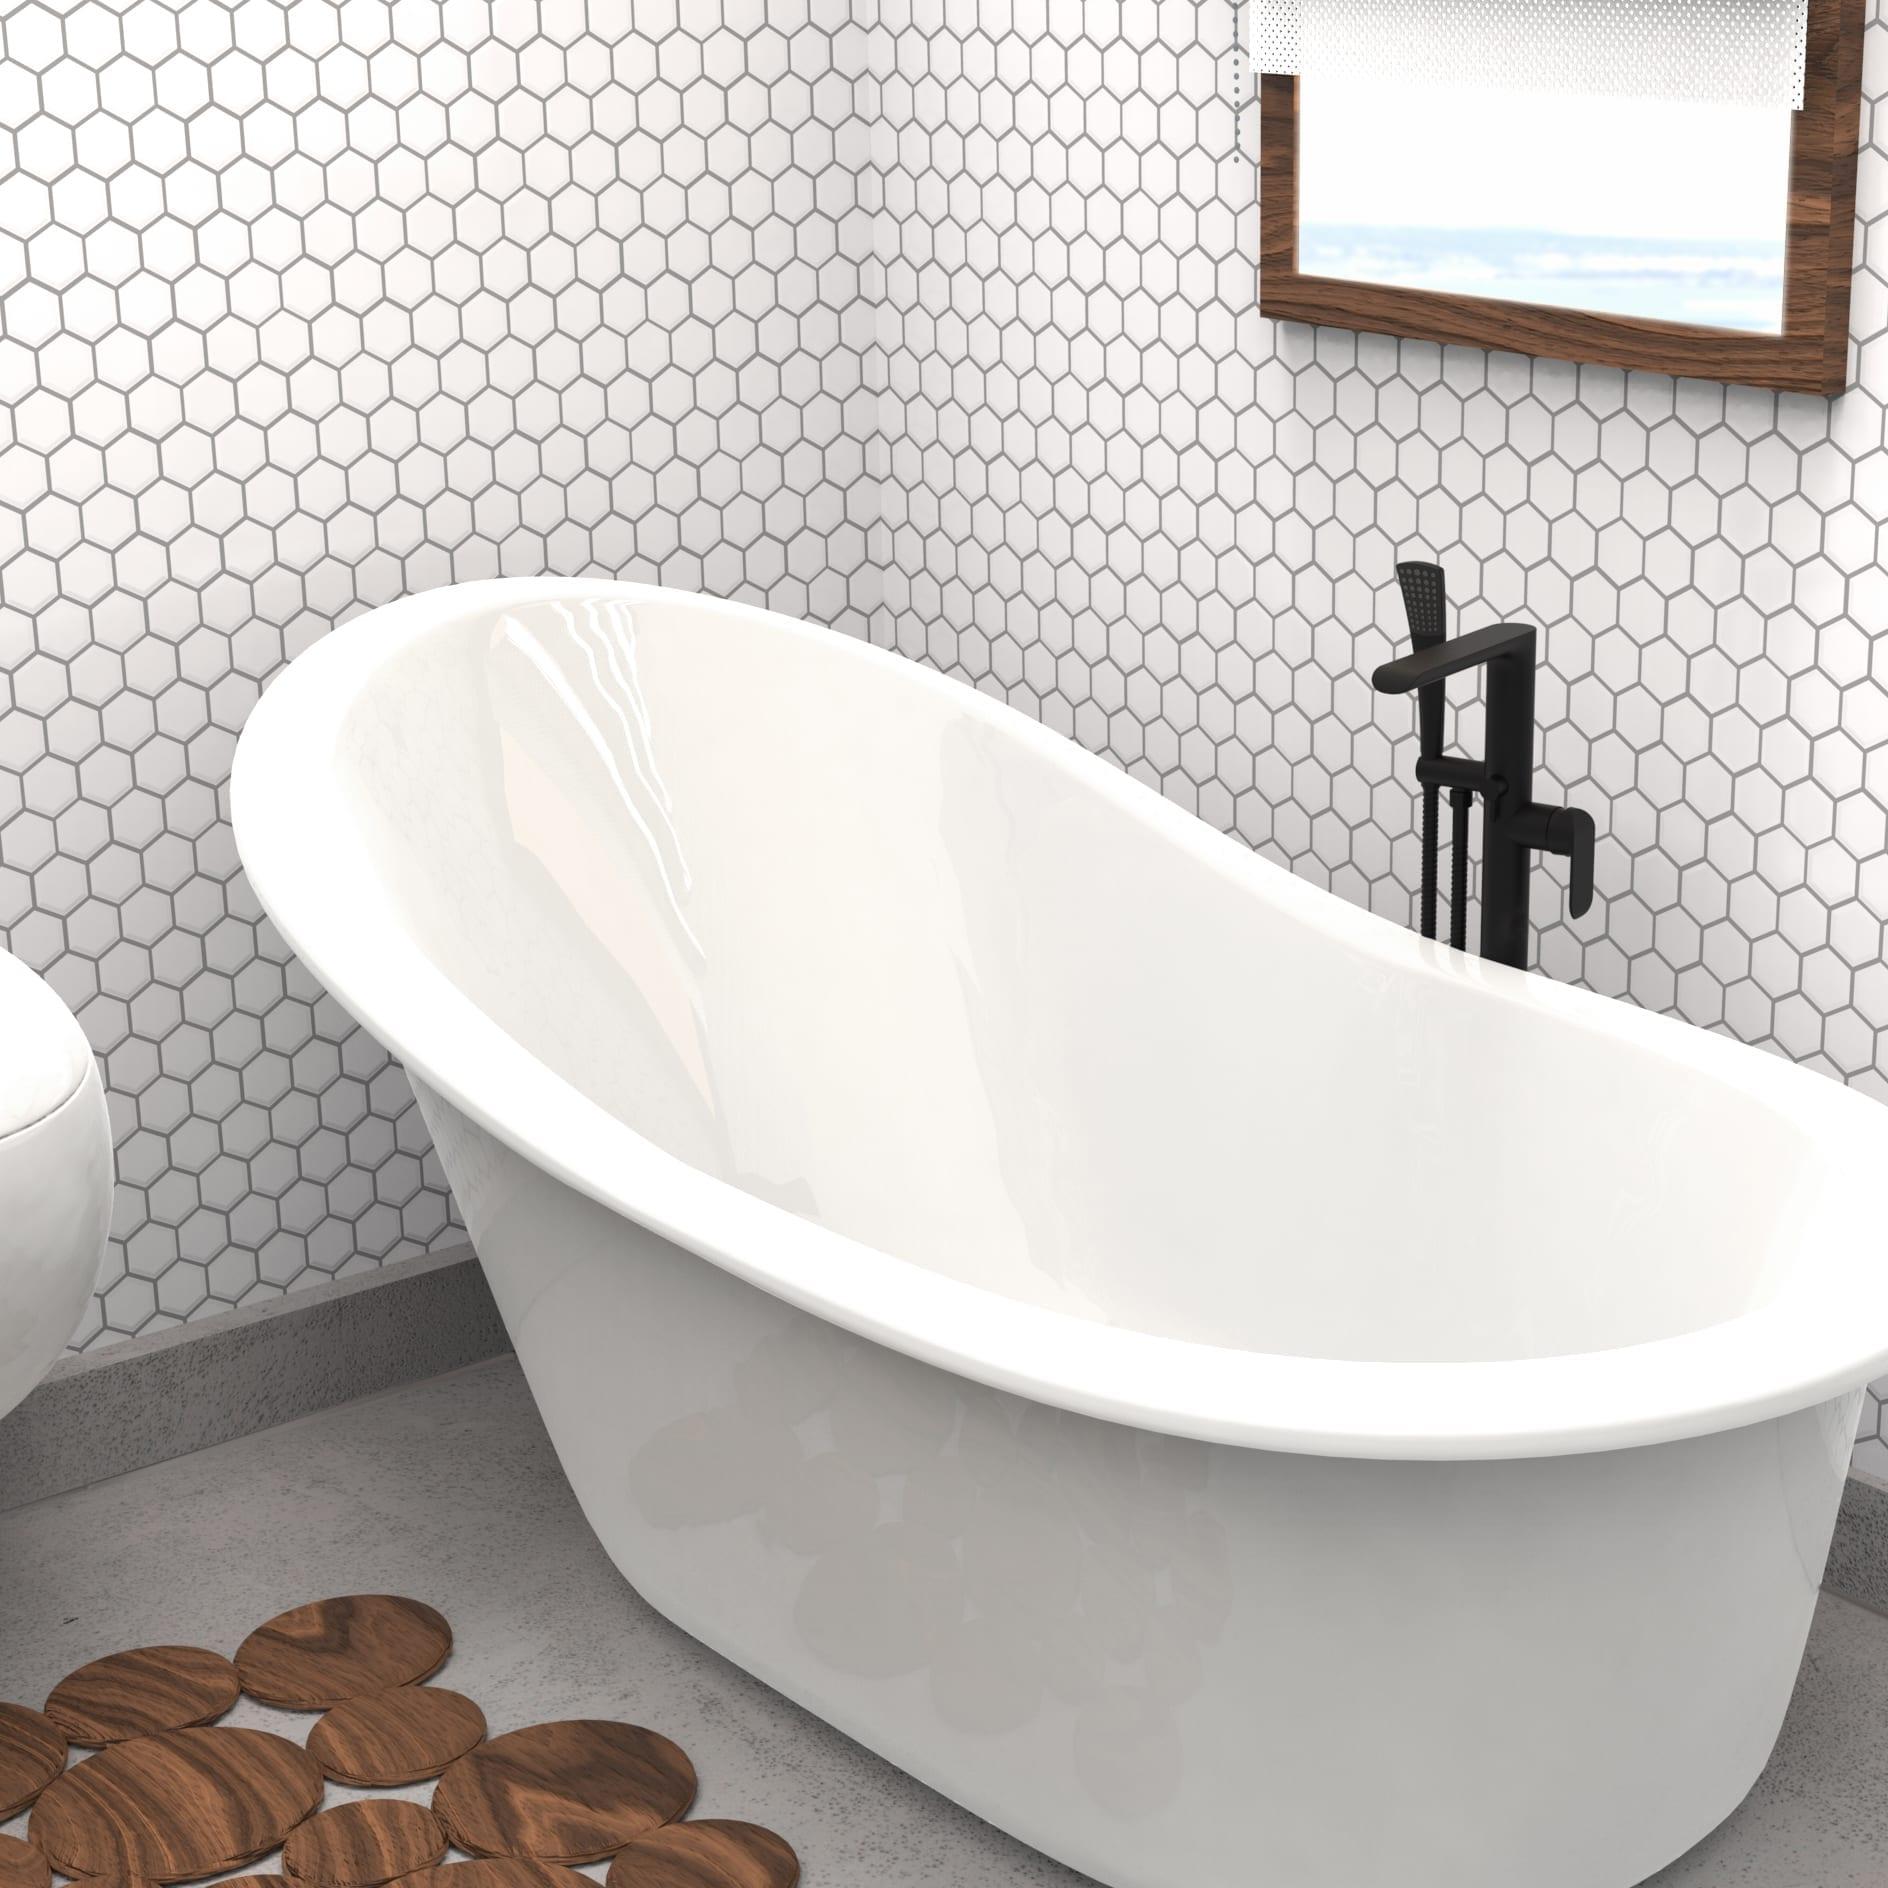 robinet pour baignoire noir mat mod le complet robinet autoportant avec pression quilibr e. Black Bedroom Furniture Sets. Home Design Ideas